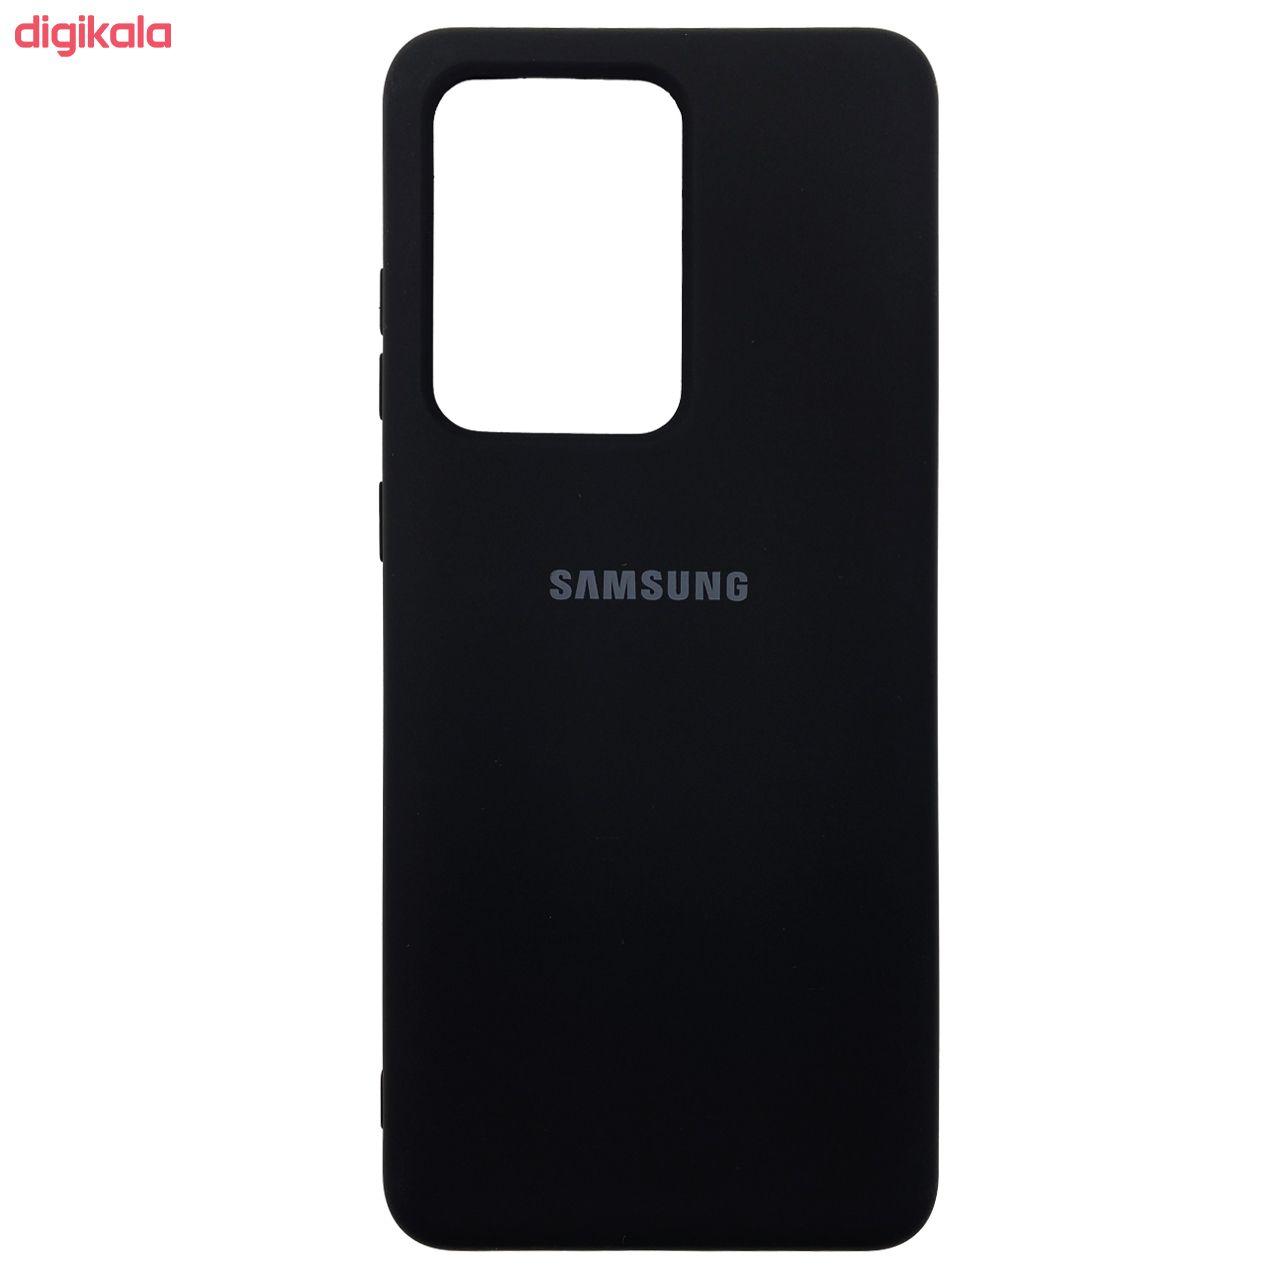 کاور مدل SCN مناسب برای گوشی موبایل سامسونگ Galaxy S20 PLUS main 1 1